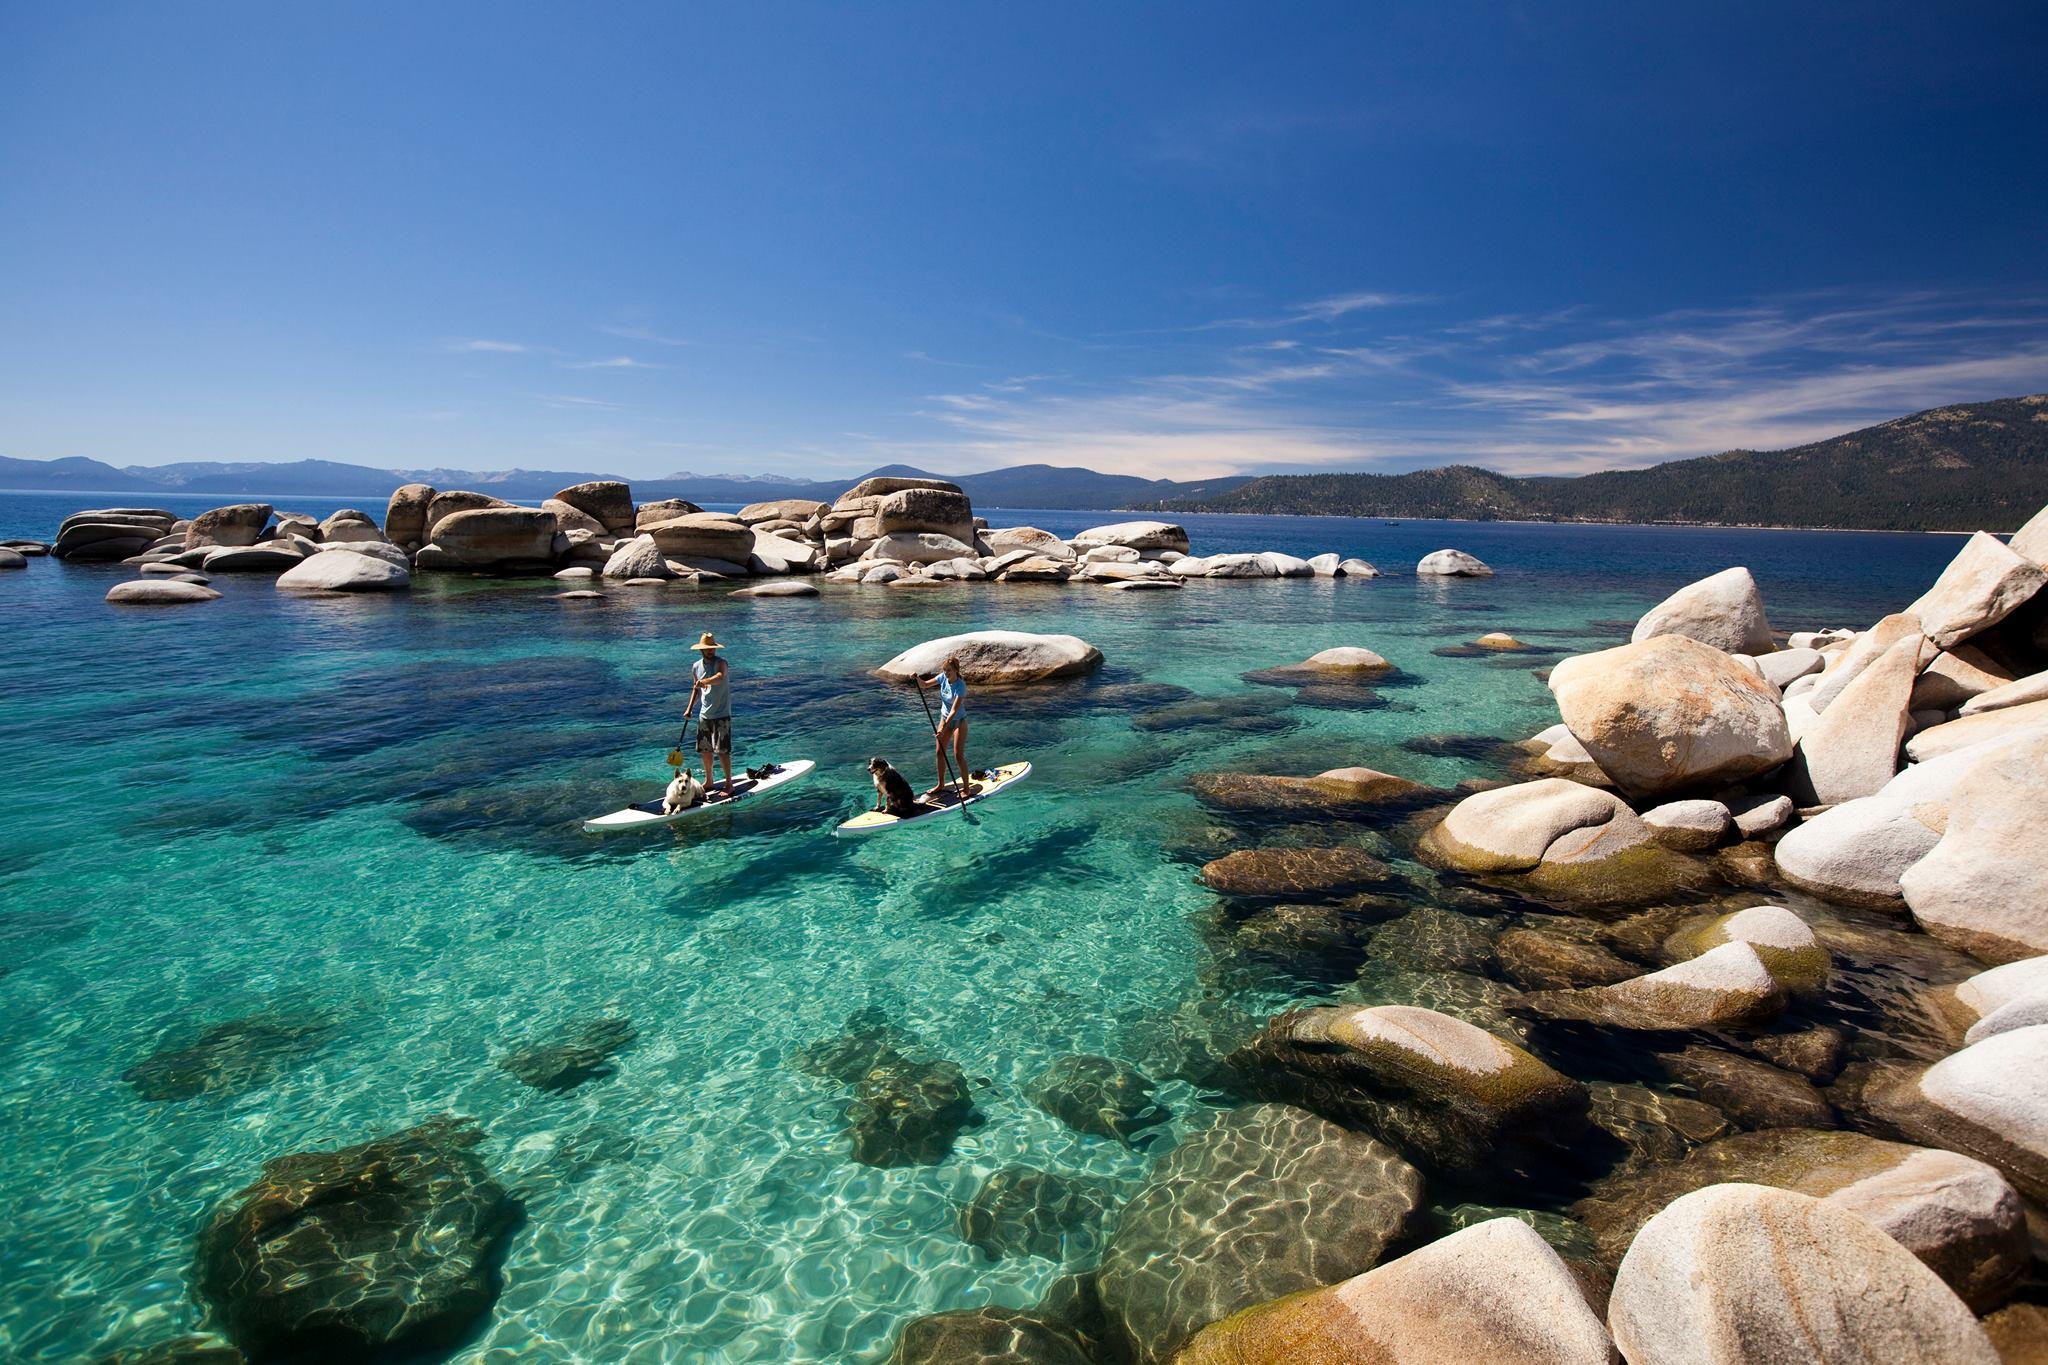 Tahoe-Moon-Properties-North-Lake-Tahoe-Pet-Friendly